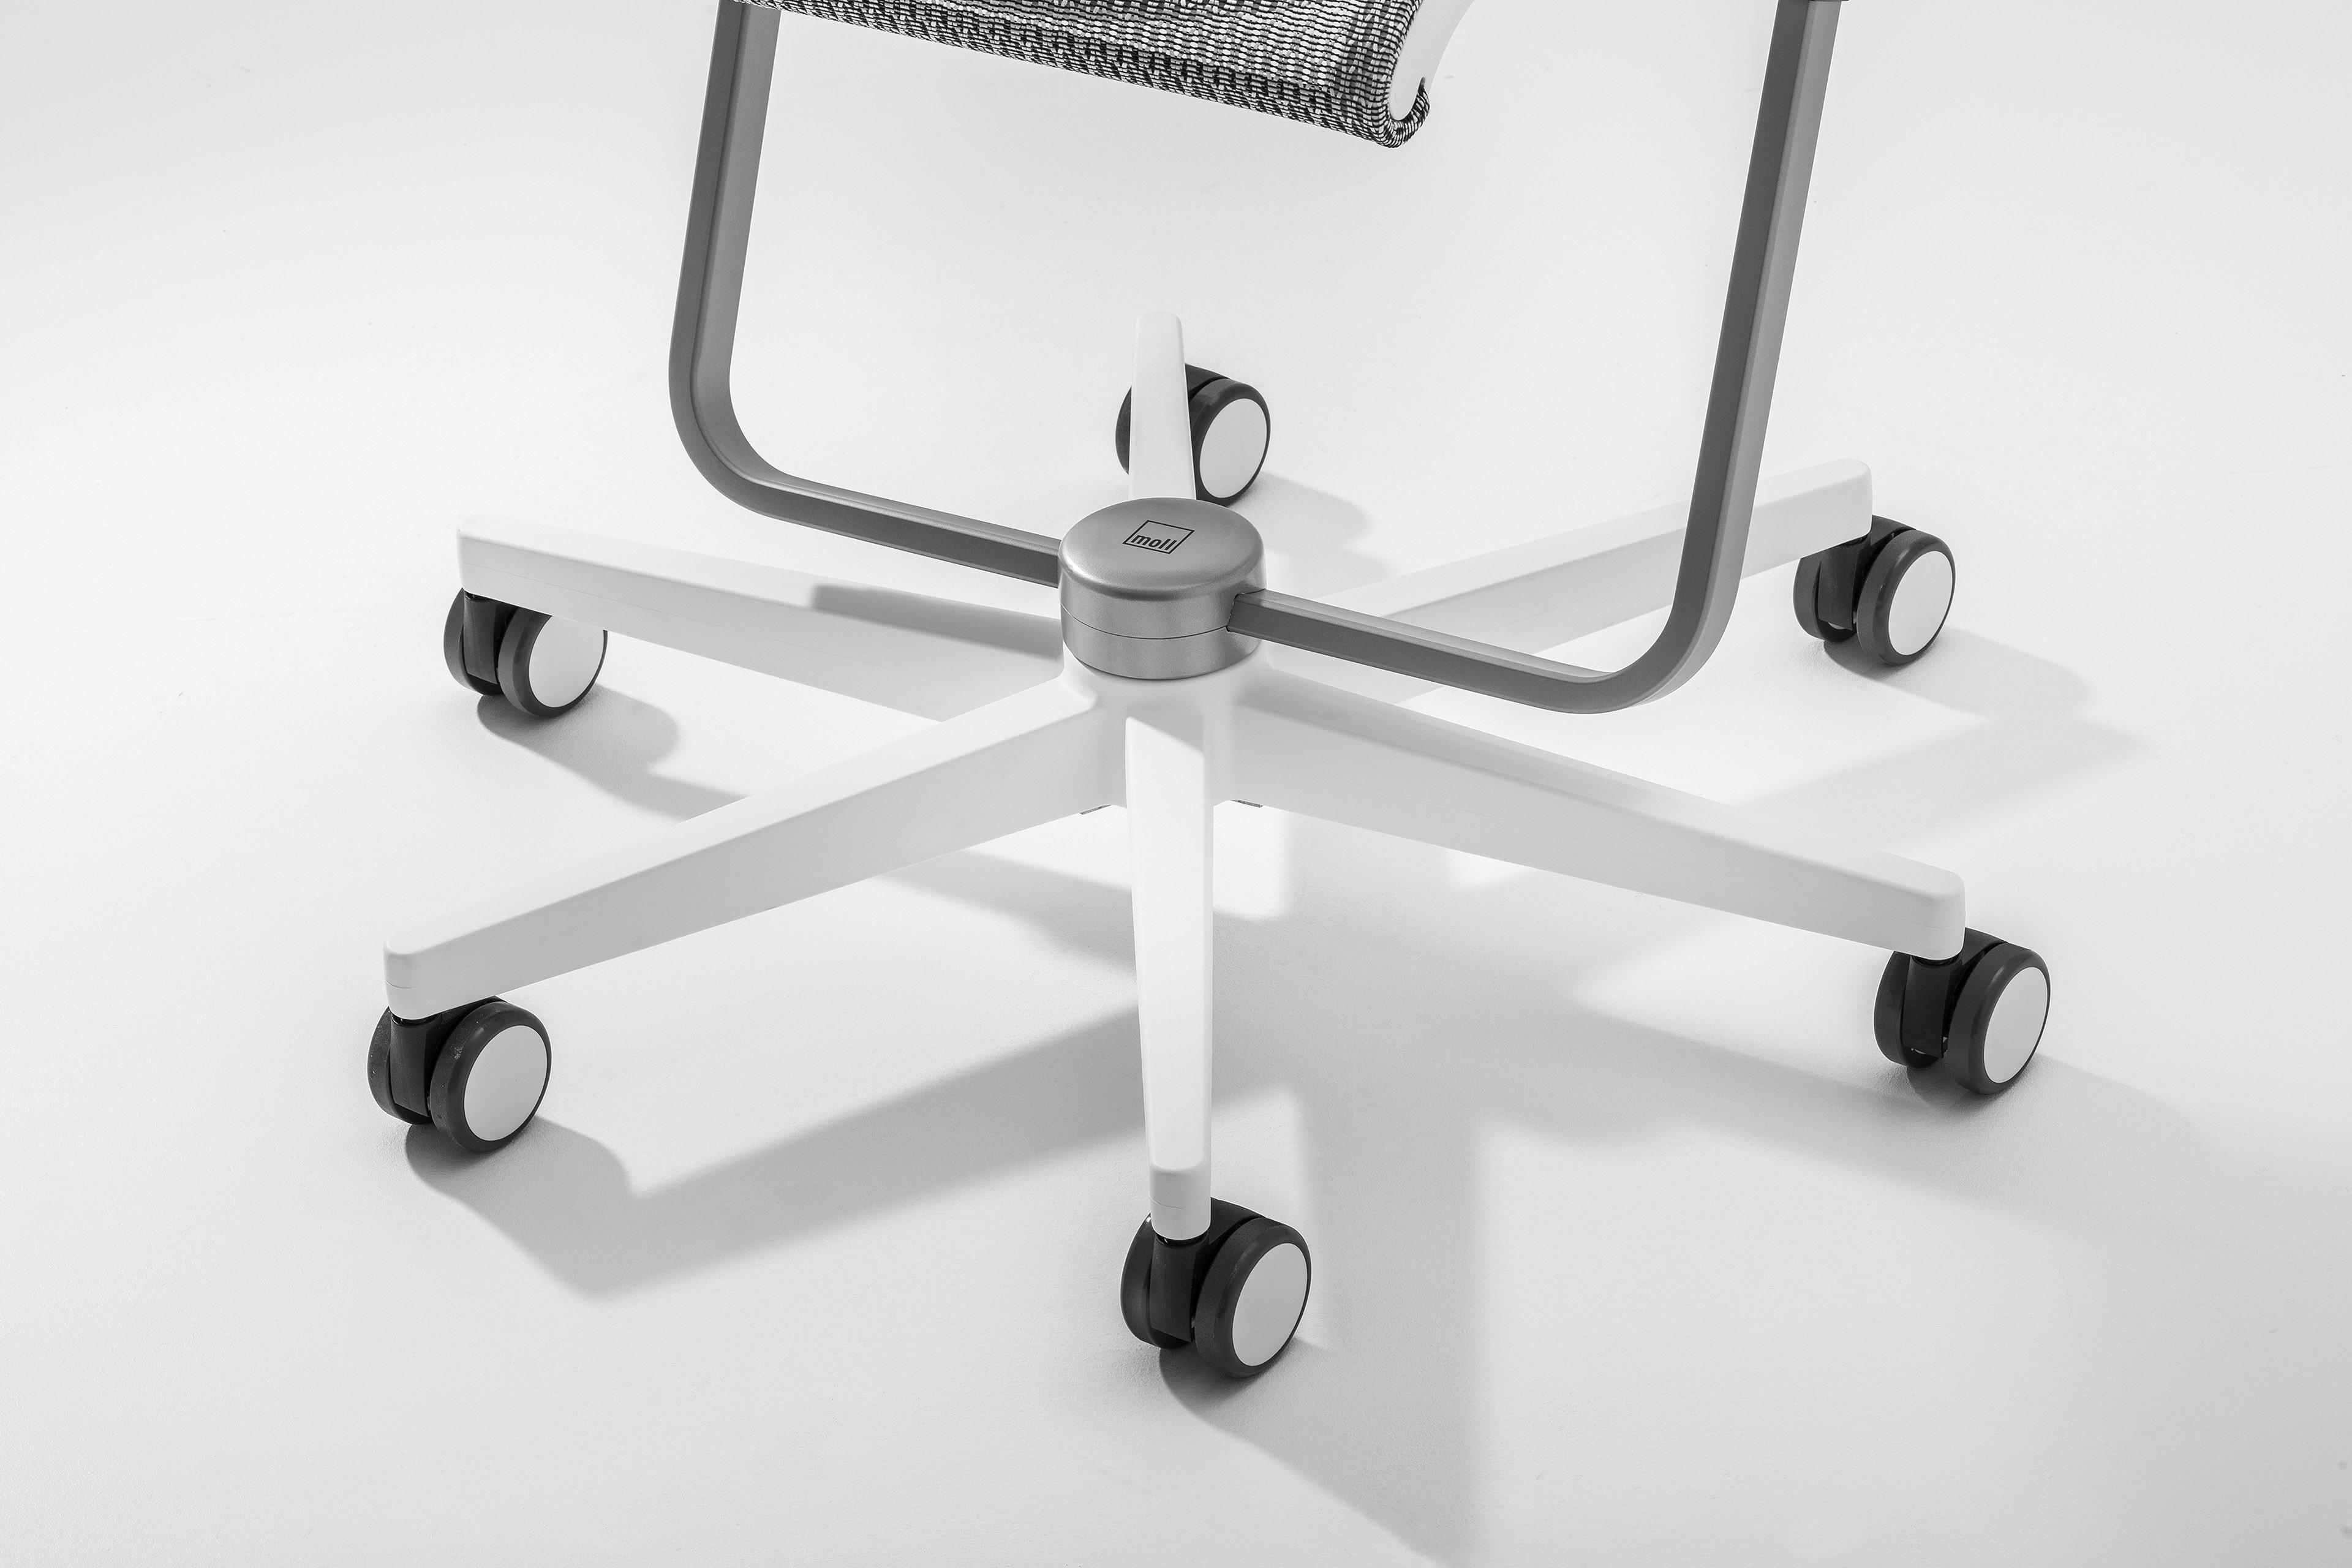 scooter moll kinder drehstuhl wei schwarz m bel letz. Black Bedroom Furniture Sets. Home Design Ideas